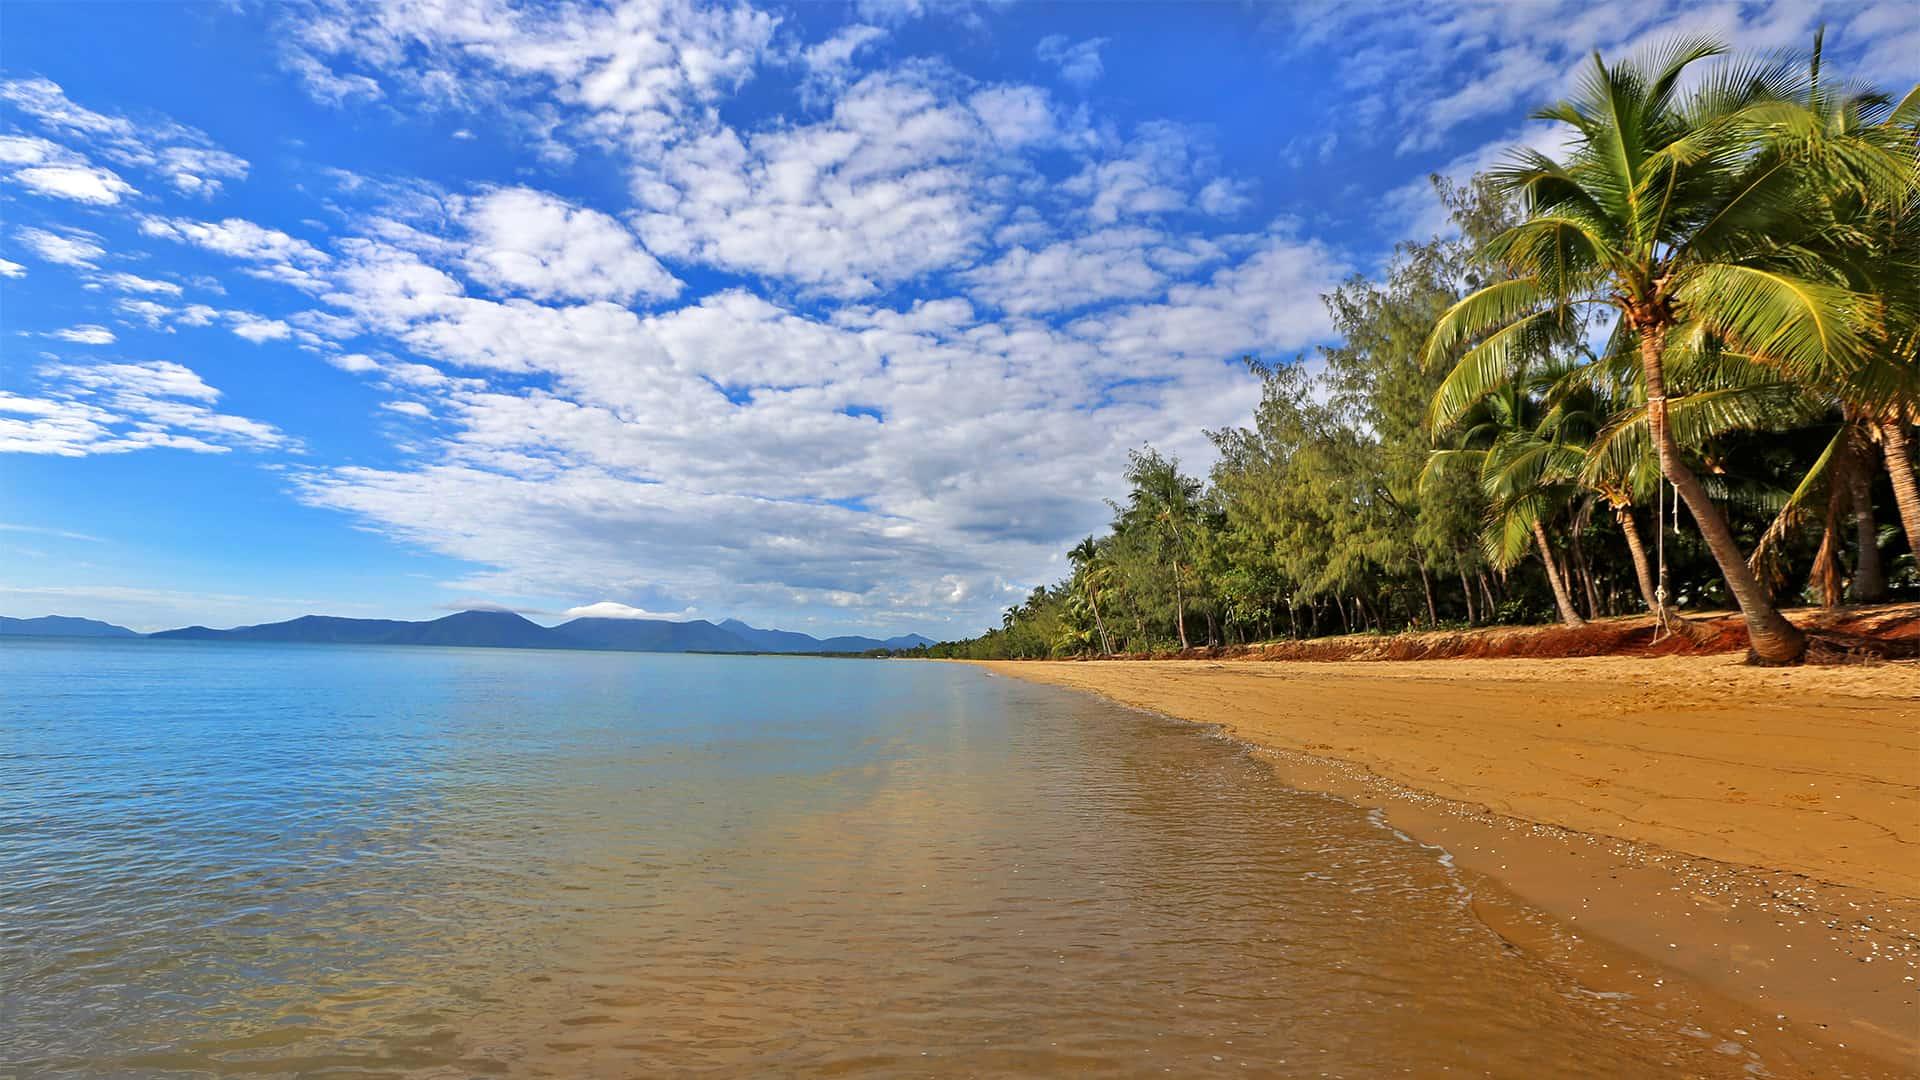 Cairns Beaches Beach Travel Destinations